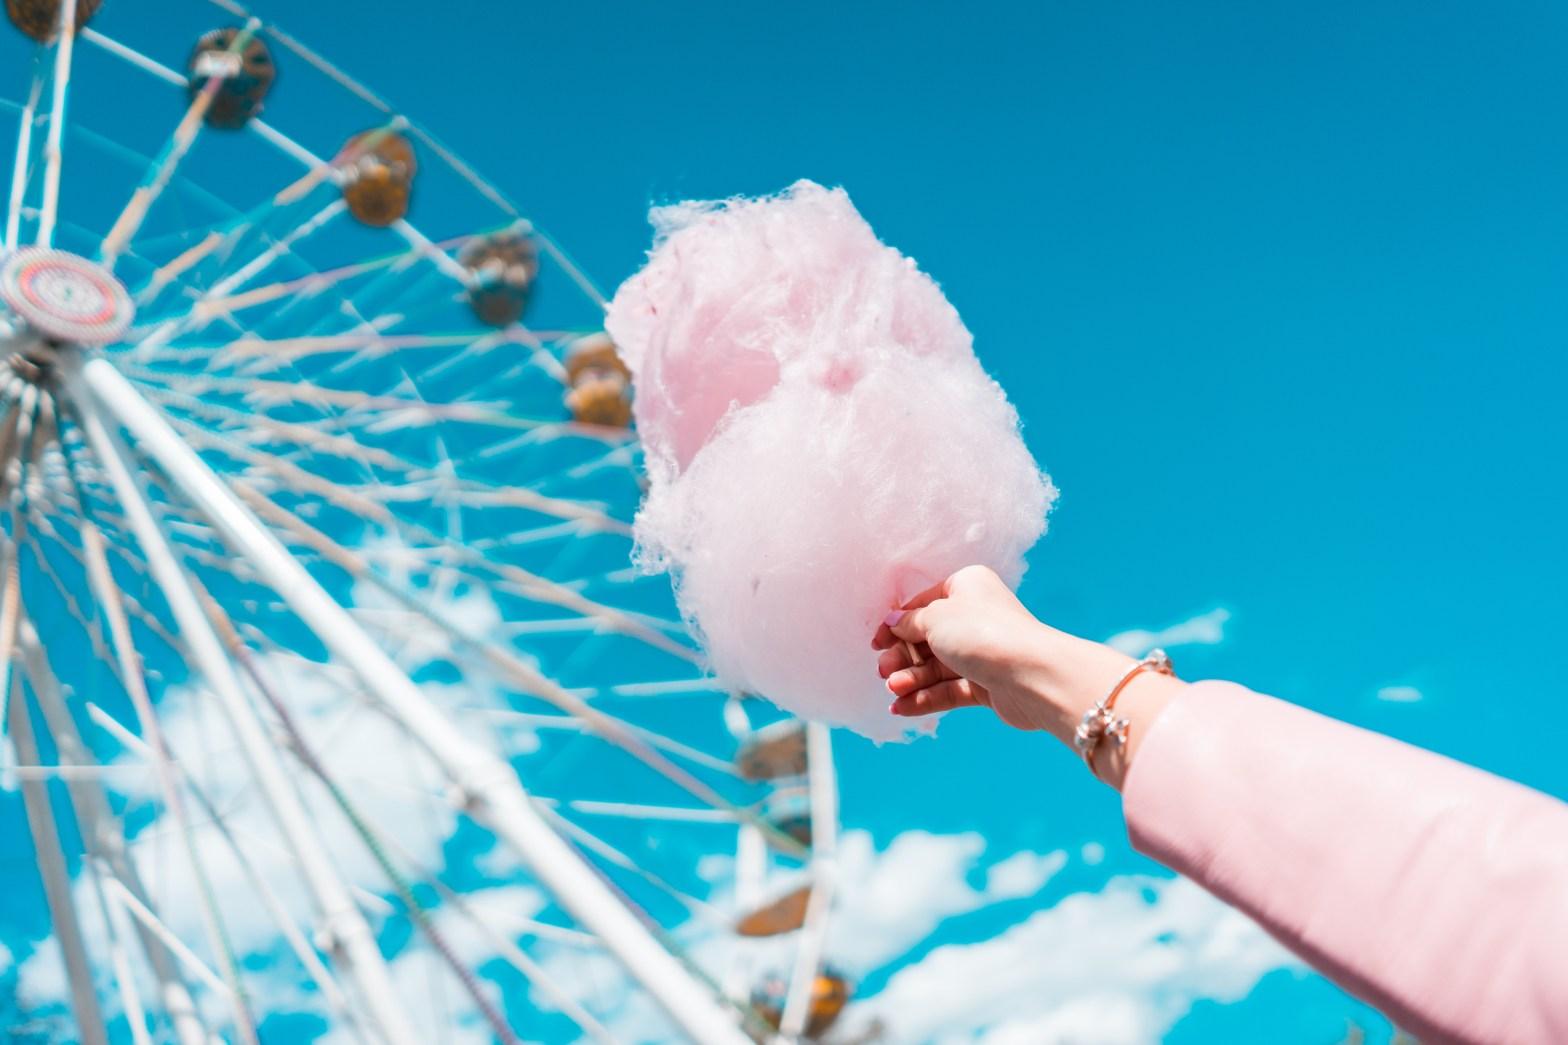 suikerspin reuzenrad roze